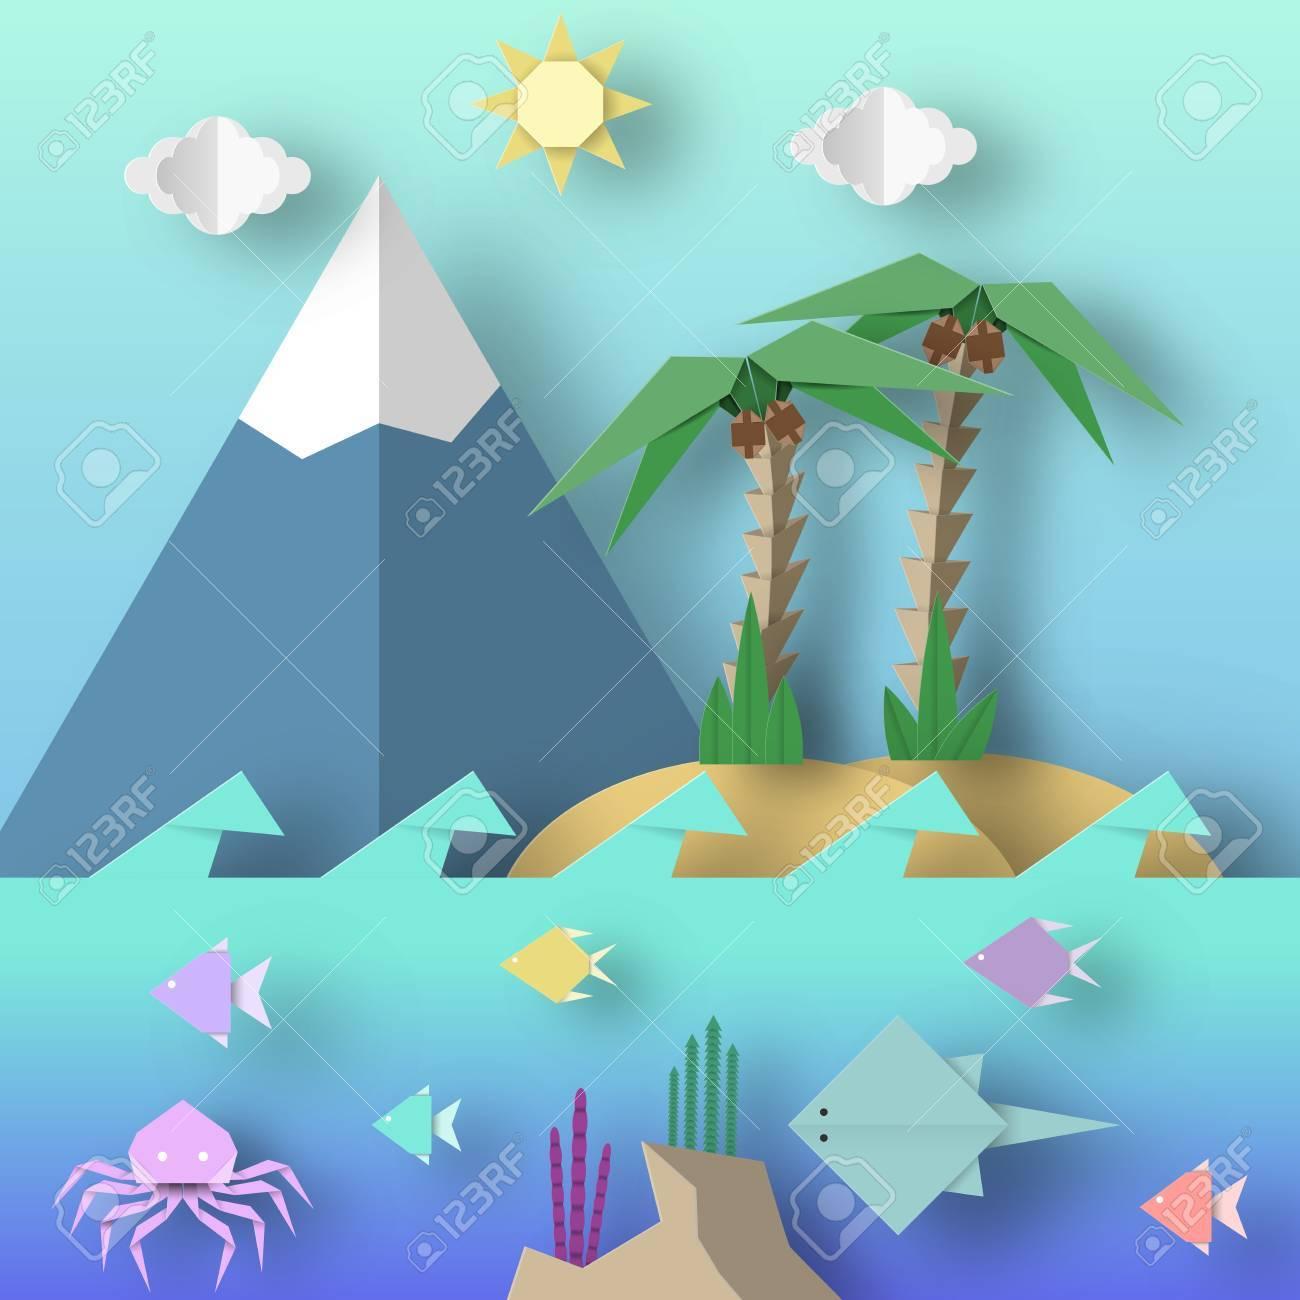 Origami Estilo Elaborado A Cabo De Papel Con Corte De Palma, Montaña ...